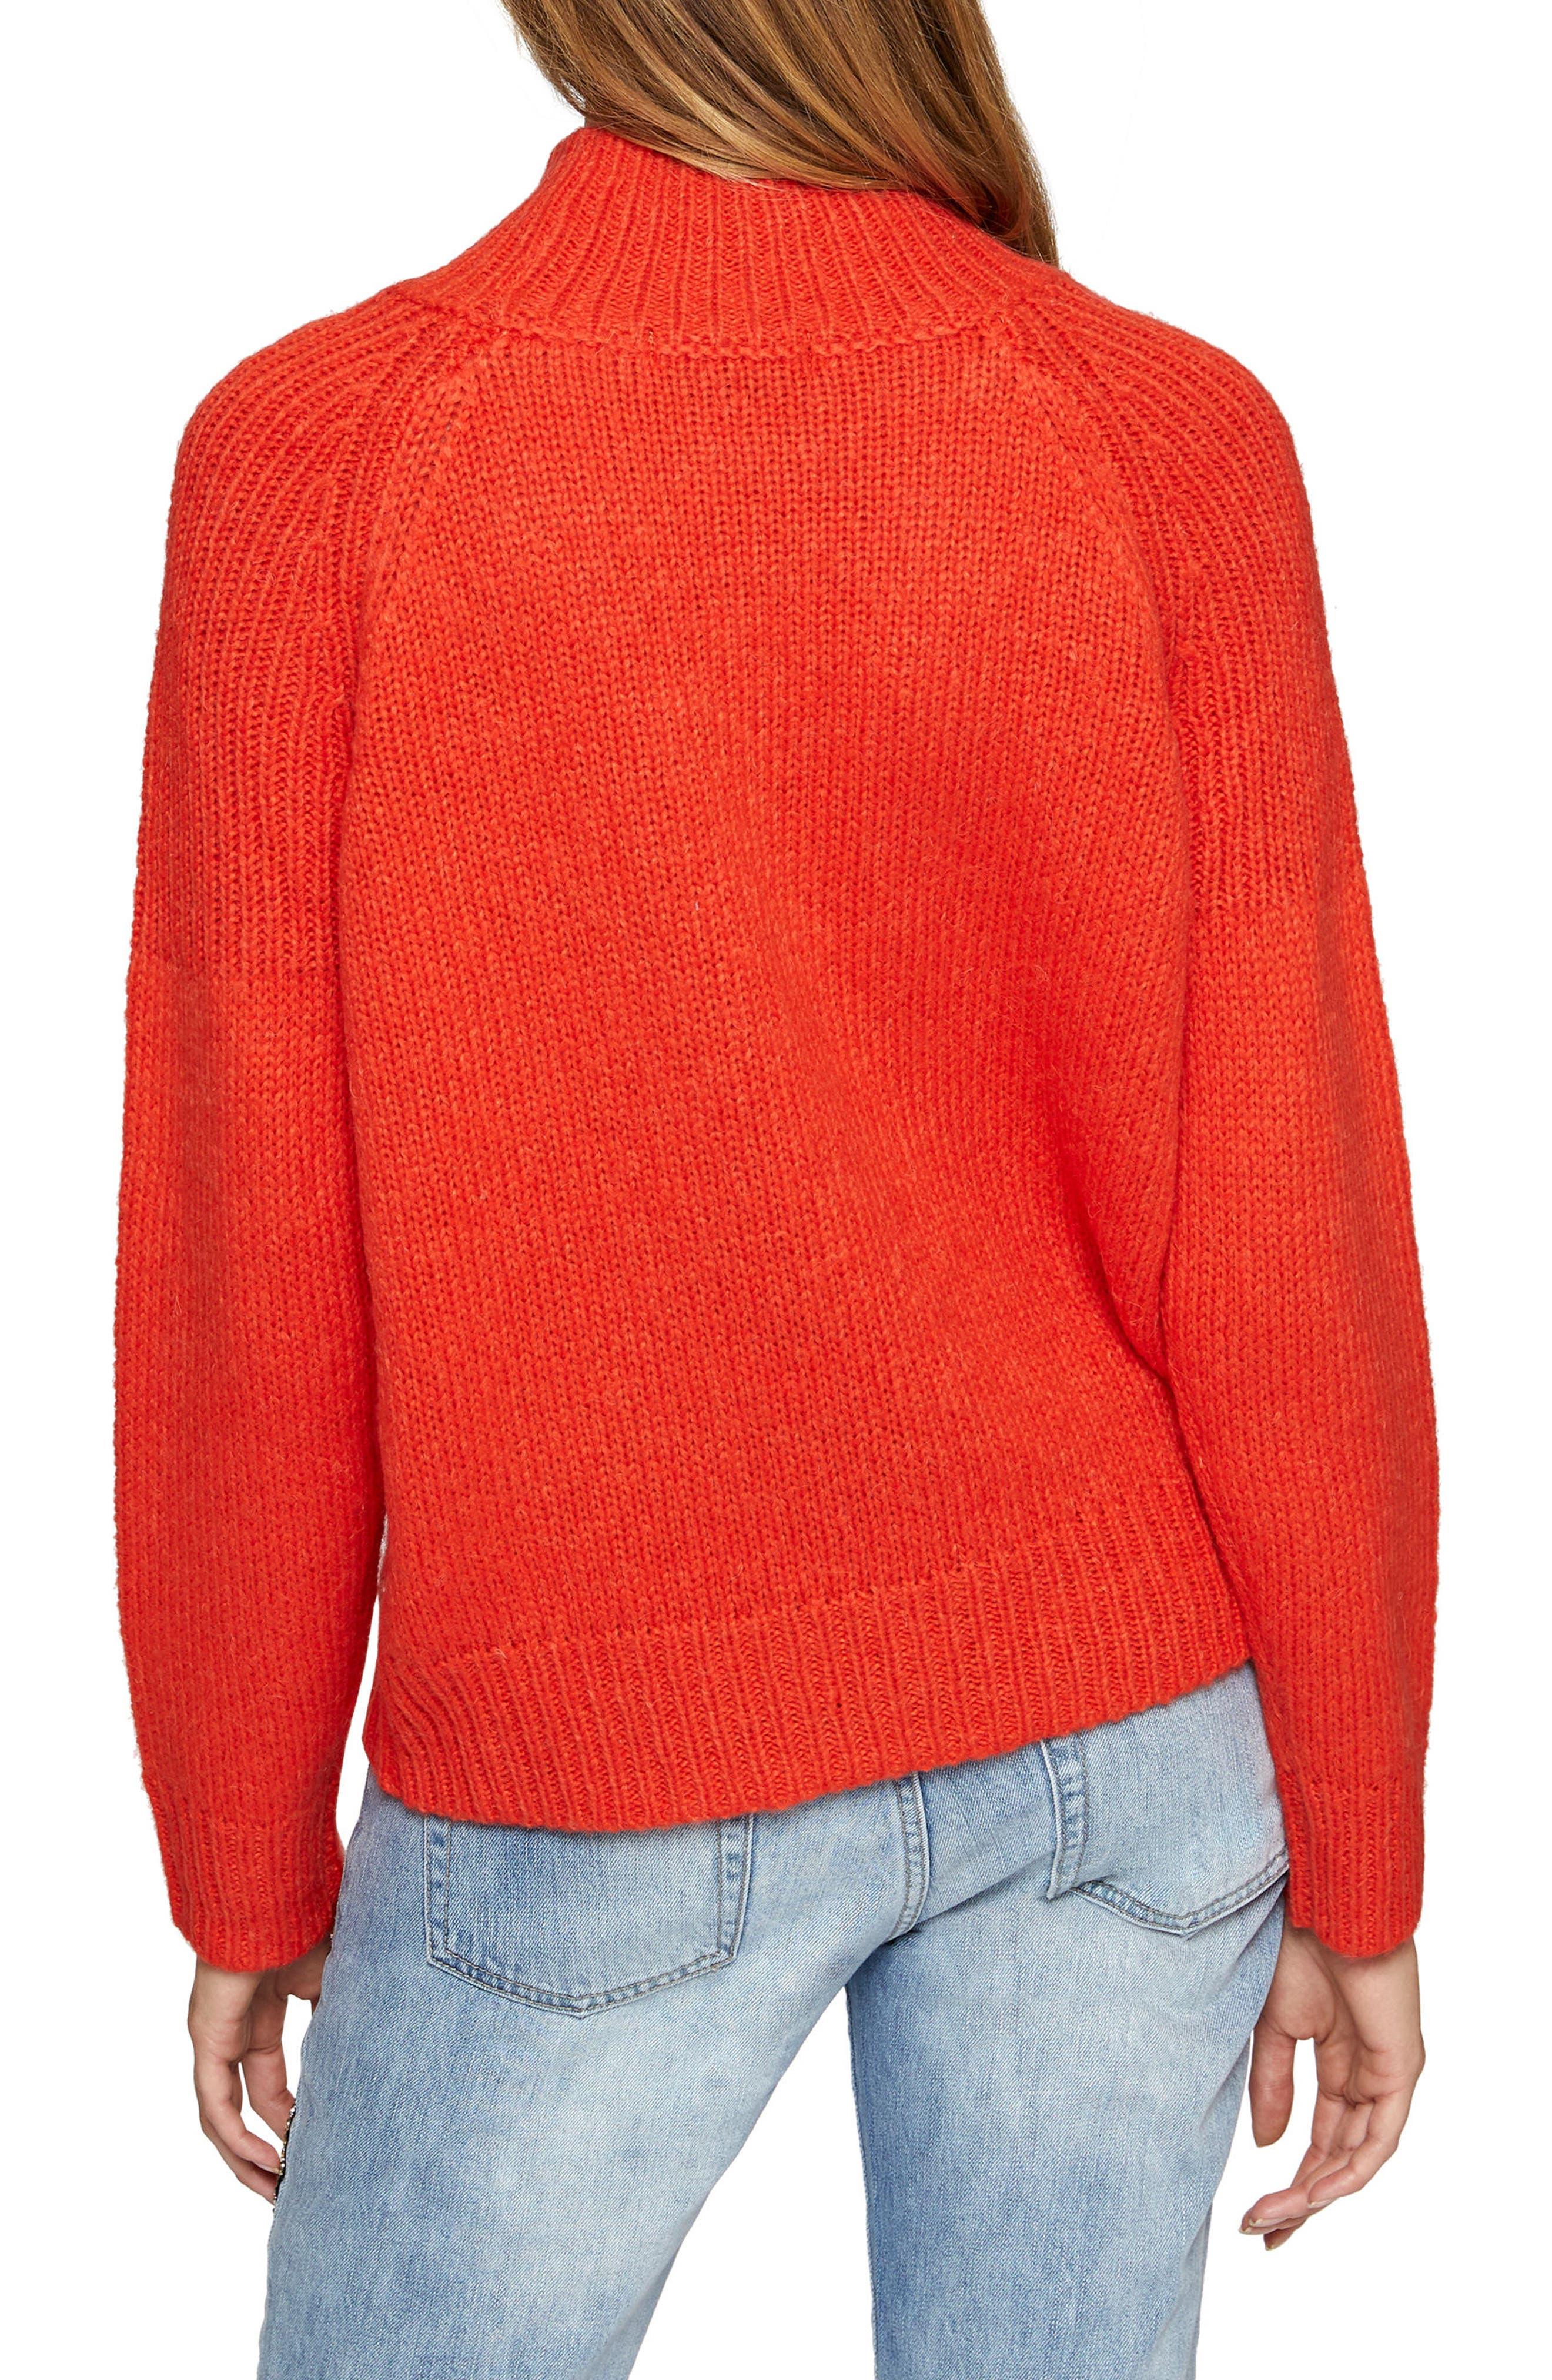 Fiona Cotton Blend Turtleneck,                             Alternate thumbnail 2, color,                             Orange Lacquer